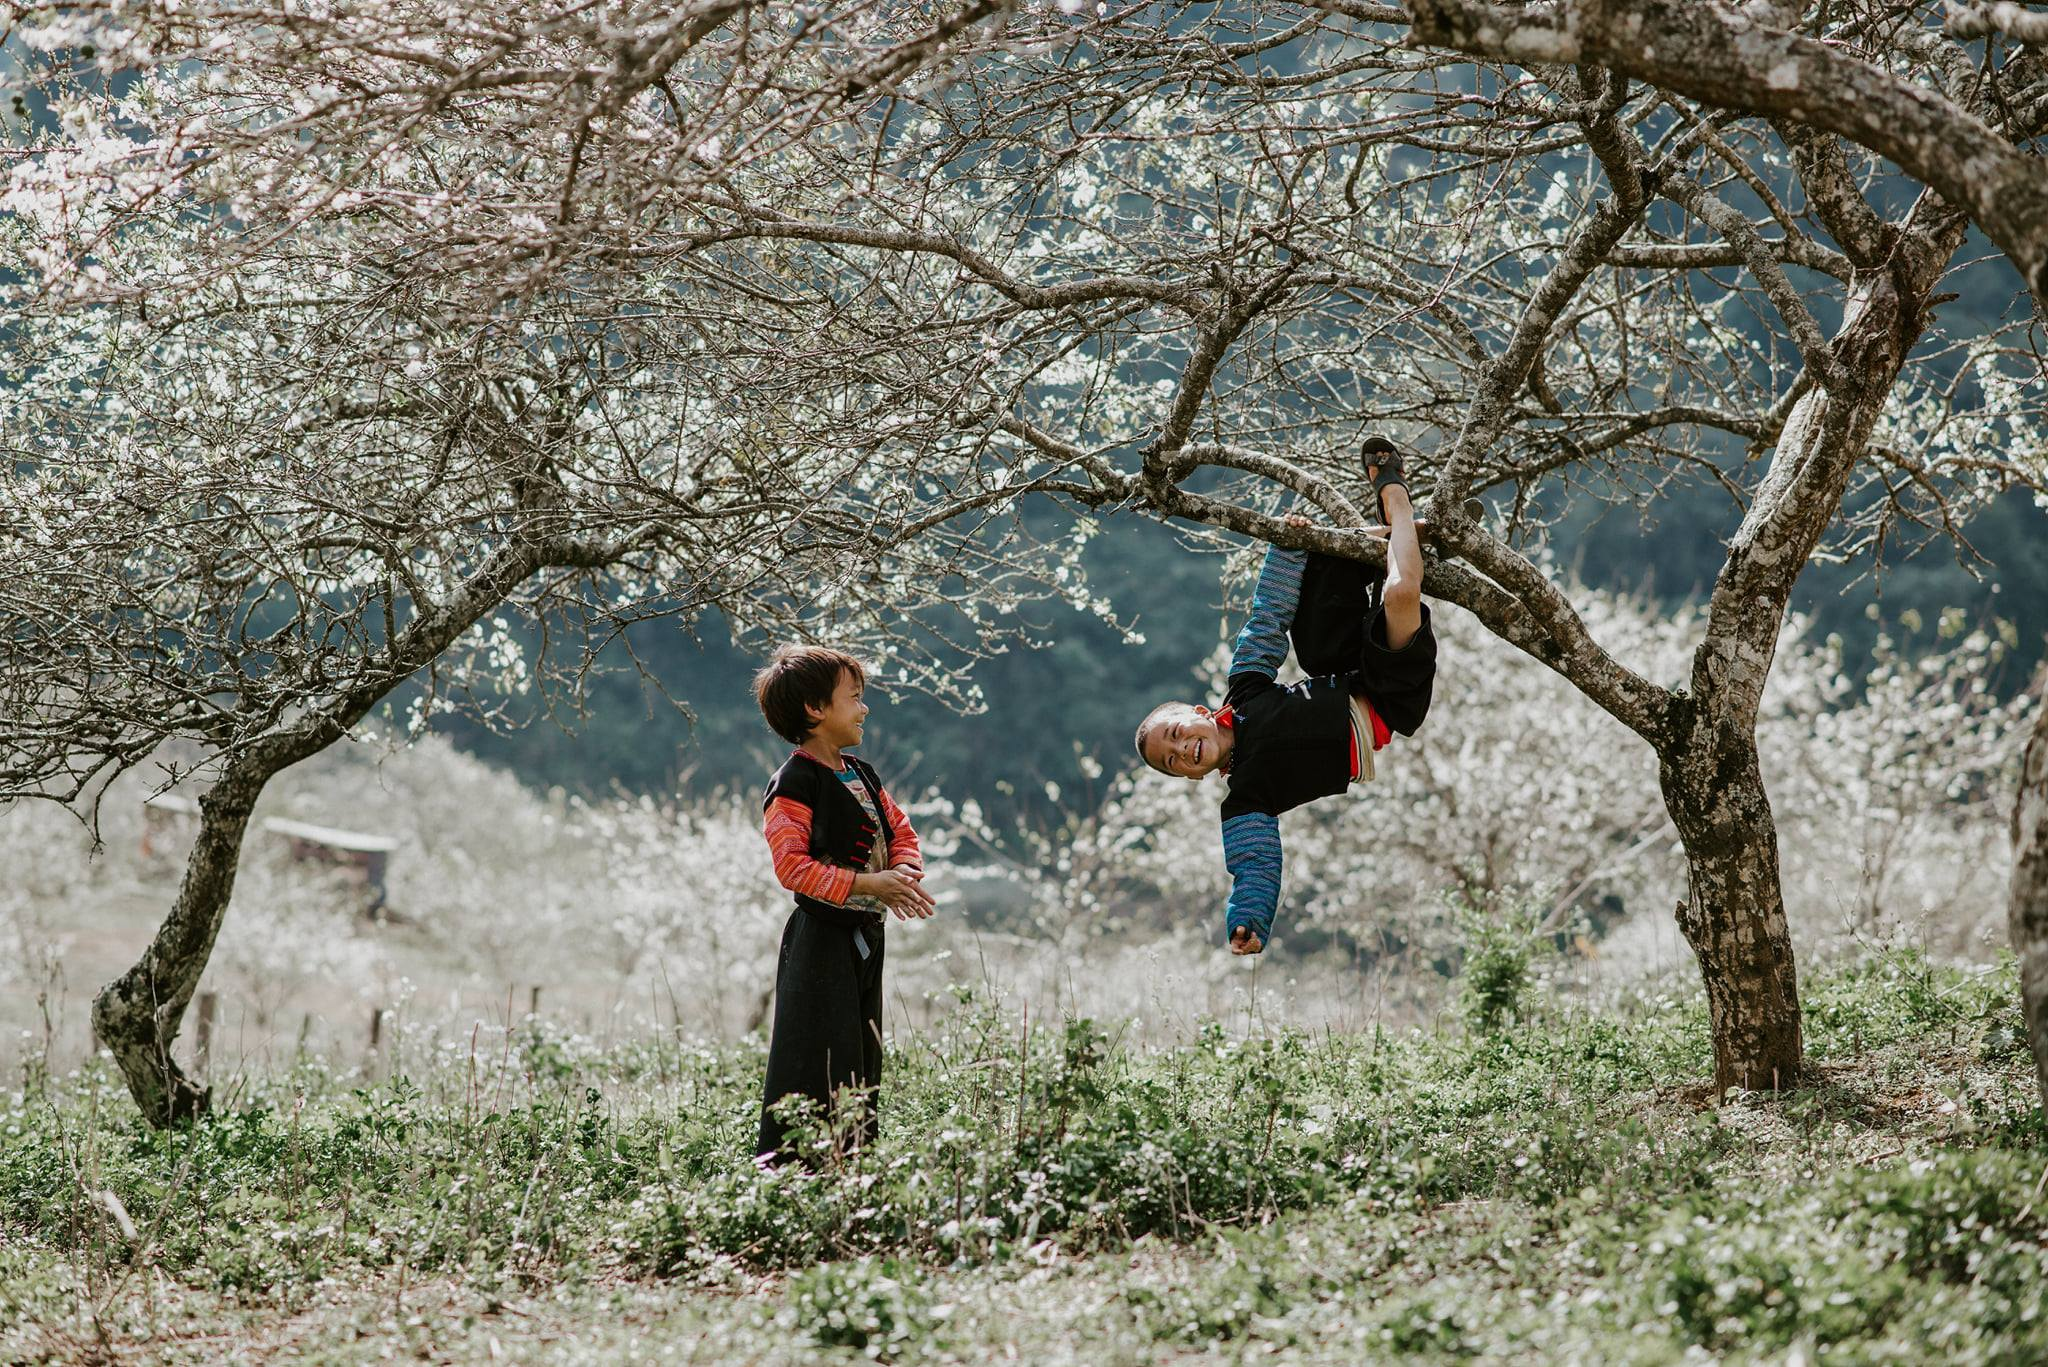 Tháng 01, 02, 03 là mùa hoa đào, hoa mận, dâu tây đua nhau nở rộ